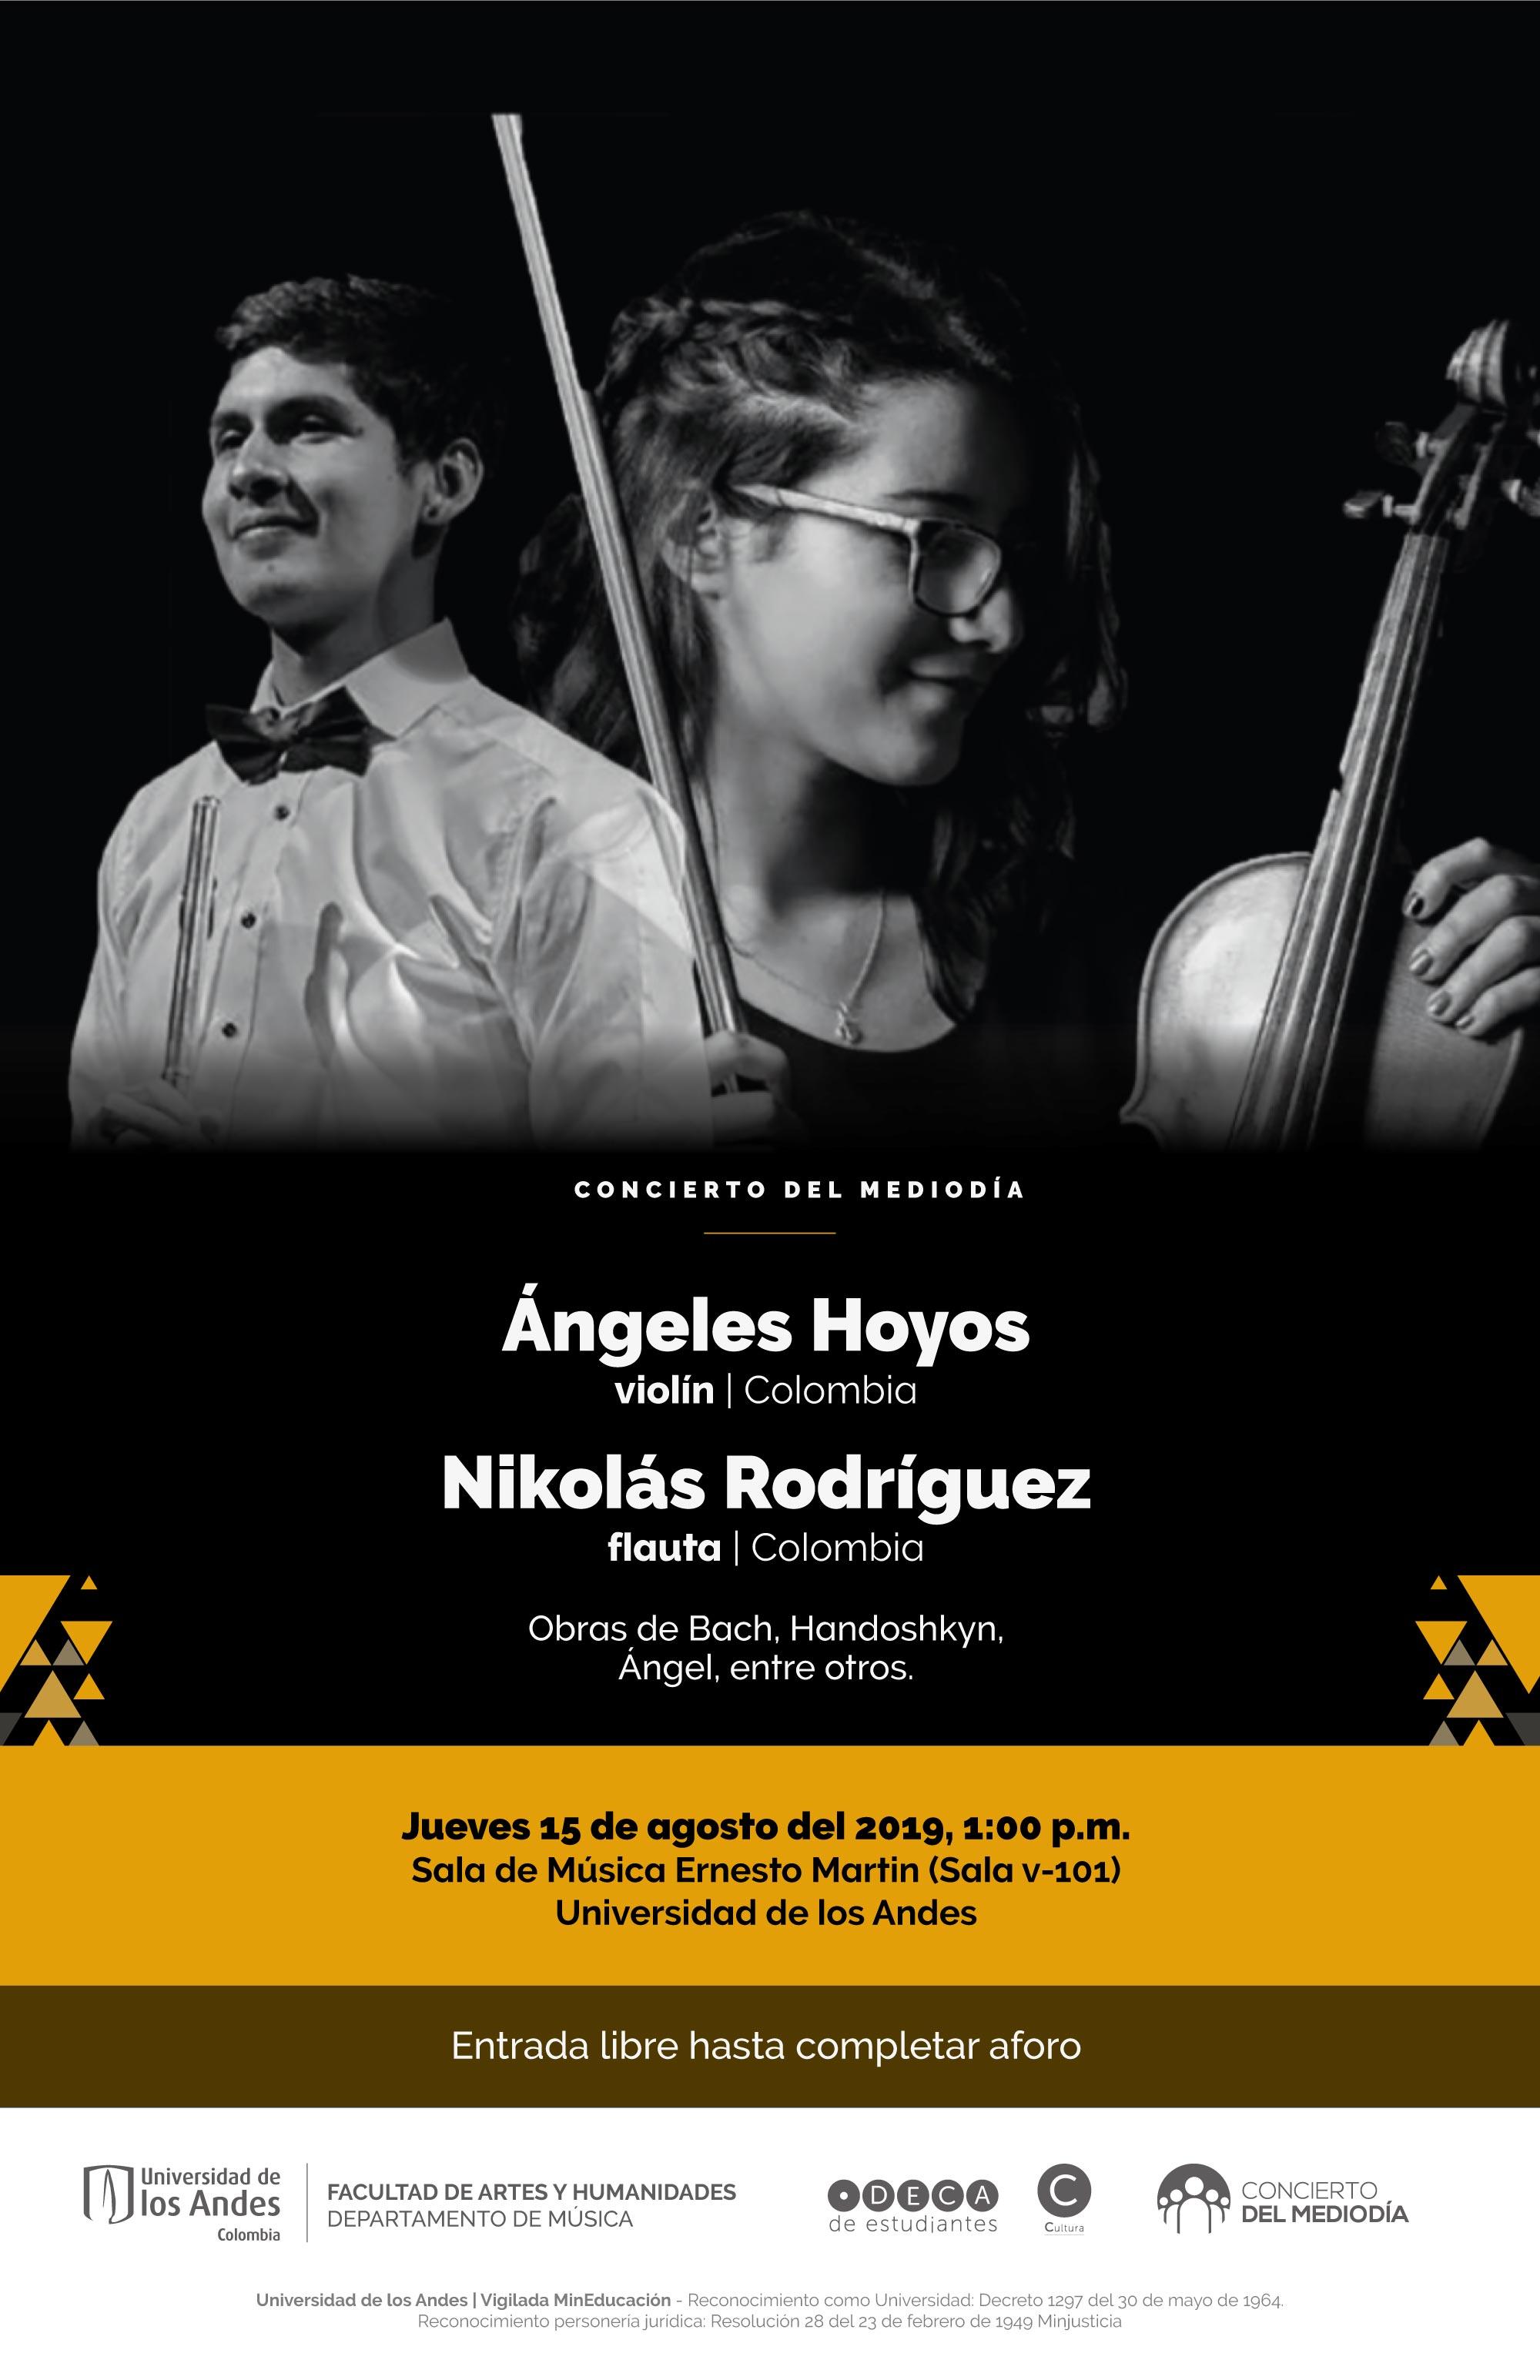 Concierto del Mediodía: Ángeles Hoyos, violín (Colombia) y Nikolás Rodríguez, flauta (Colombia)